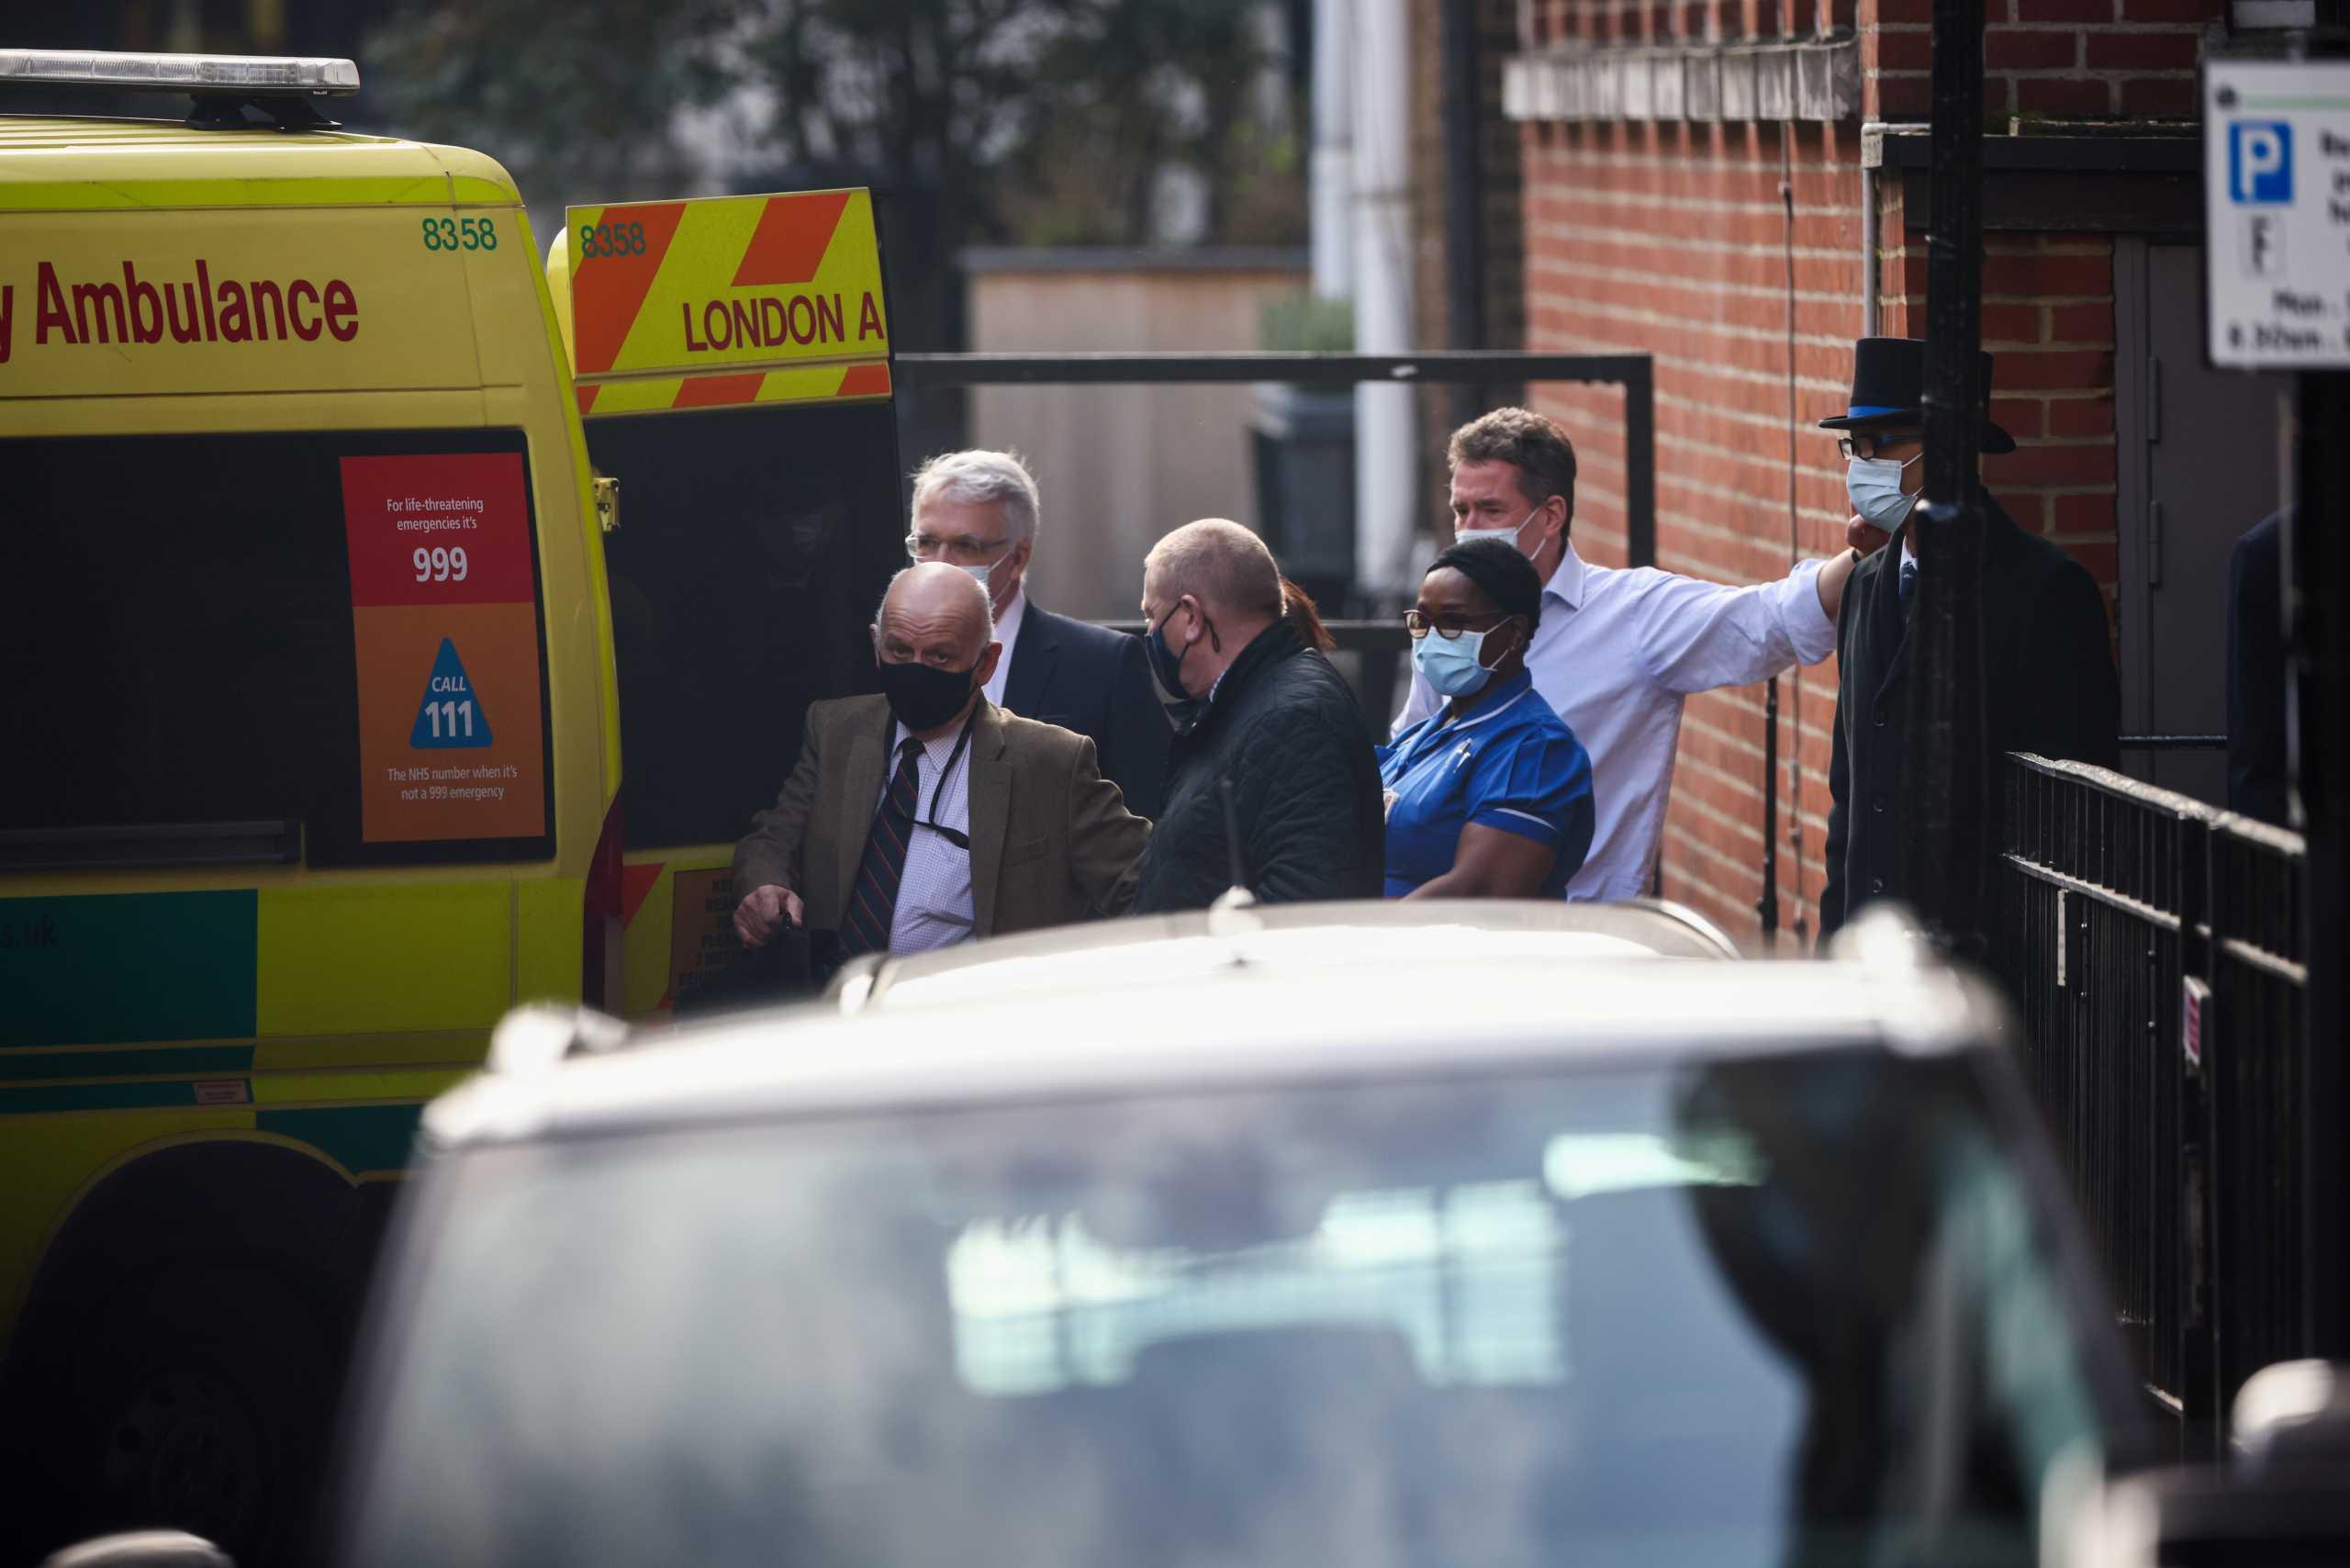 Πρίγκιπας Φίλιππος: Μεταφέρθηκε σε άλλο νοσοκομείο μετά από πρόβλημα στην καρδιά